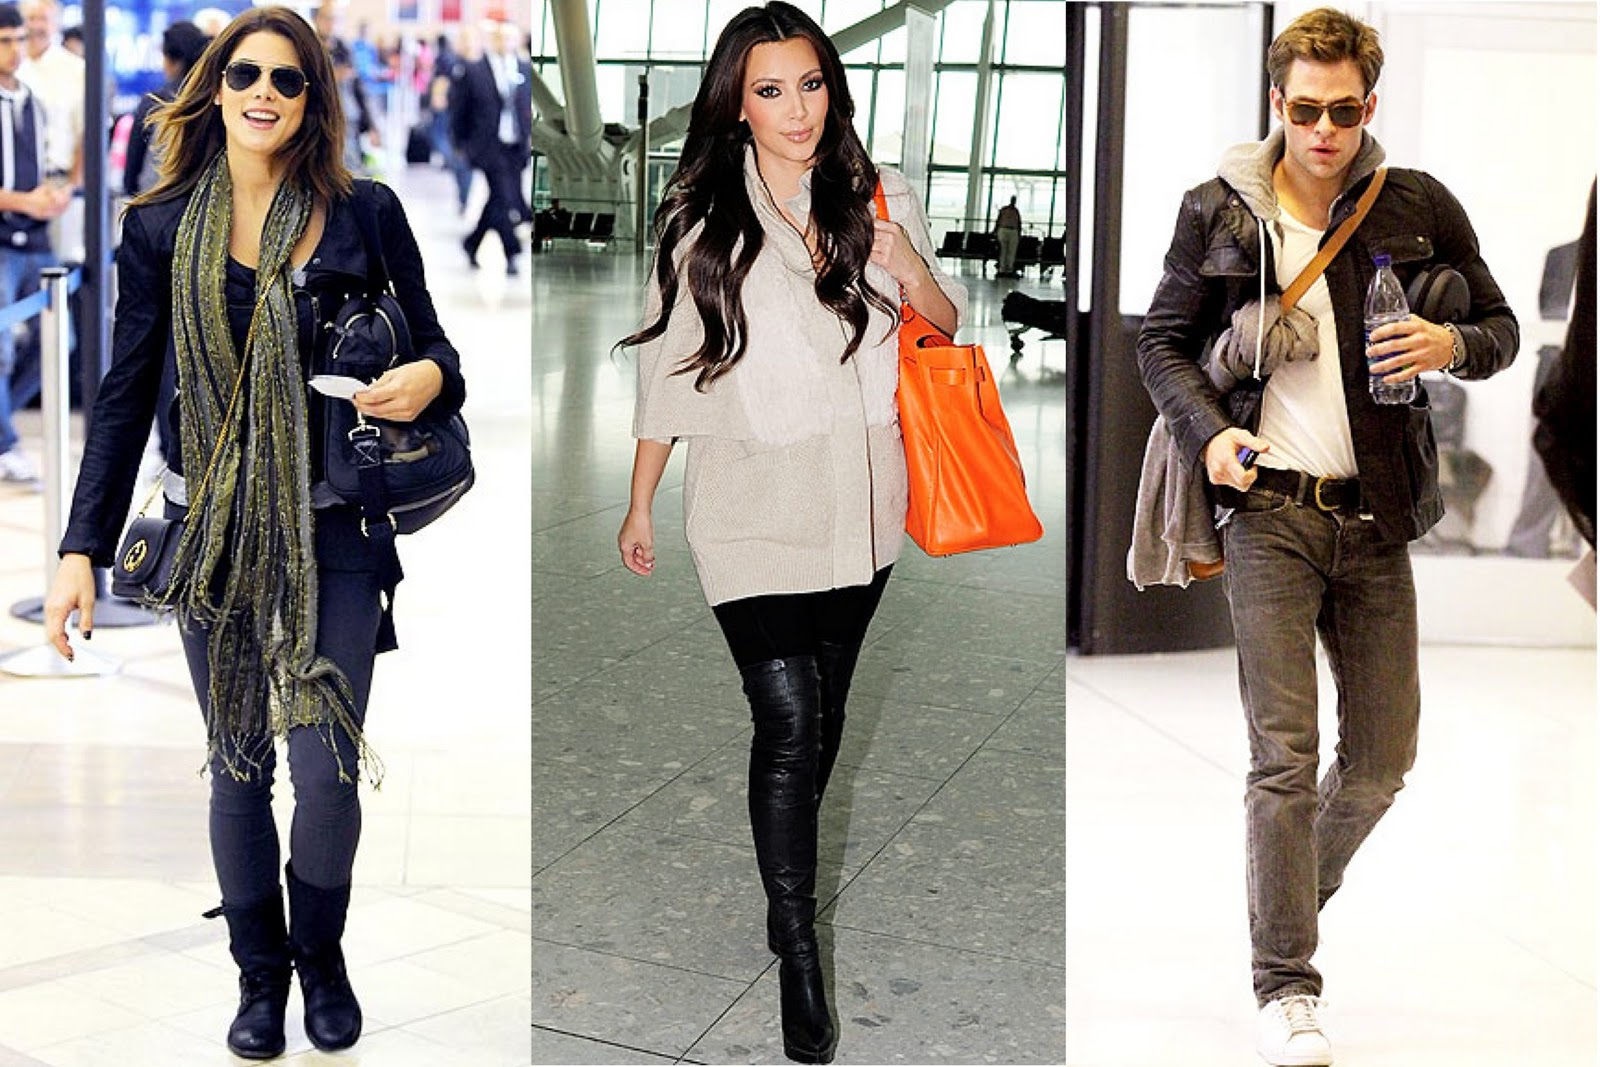 http://3.bp.blogspot.com/_PfmV3qvy8FY/TRo0lvfv8NI/AAAAAAAAAok/ChIwMQ6E0lI/s1600/la+modella+mafia+airport7.jpg